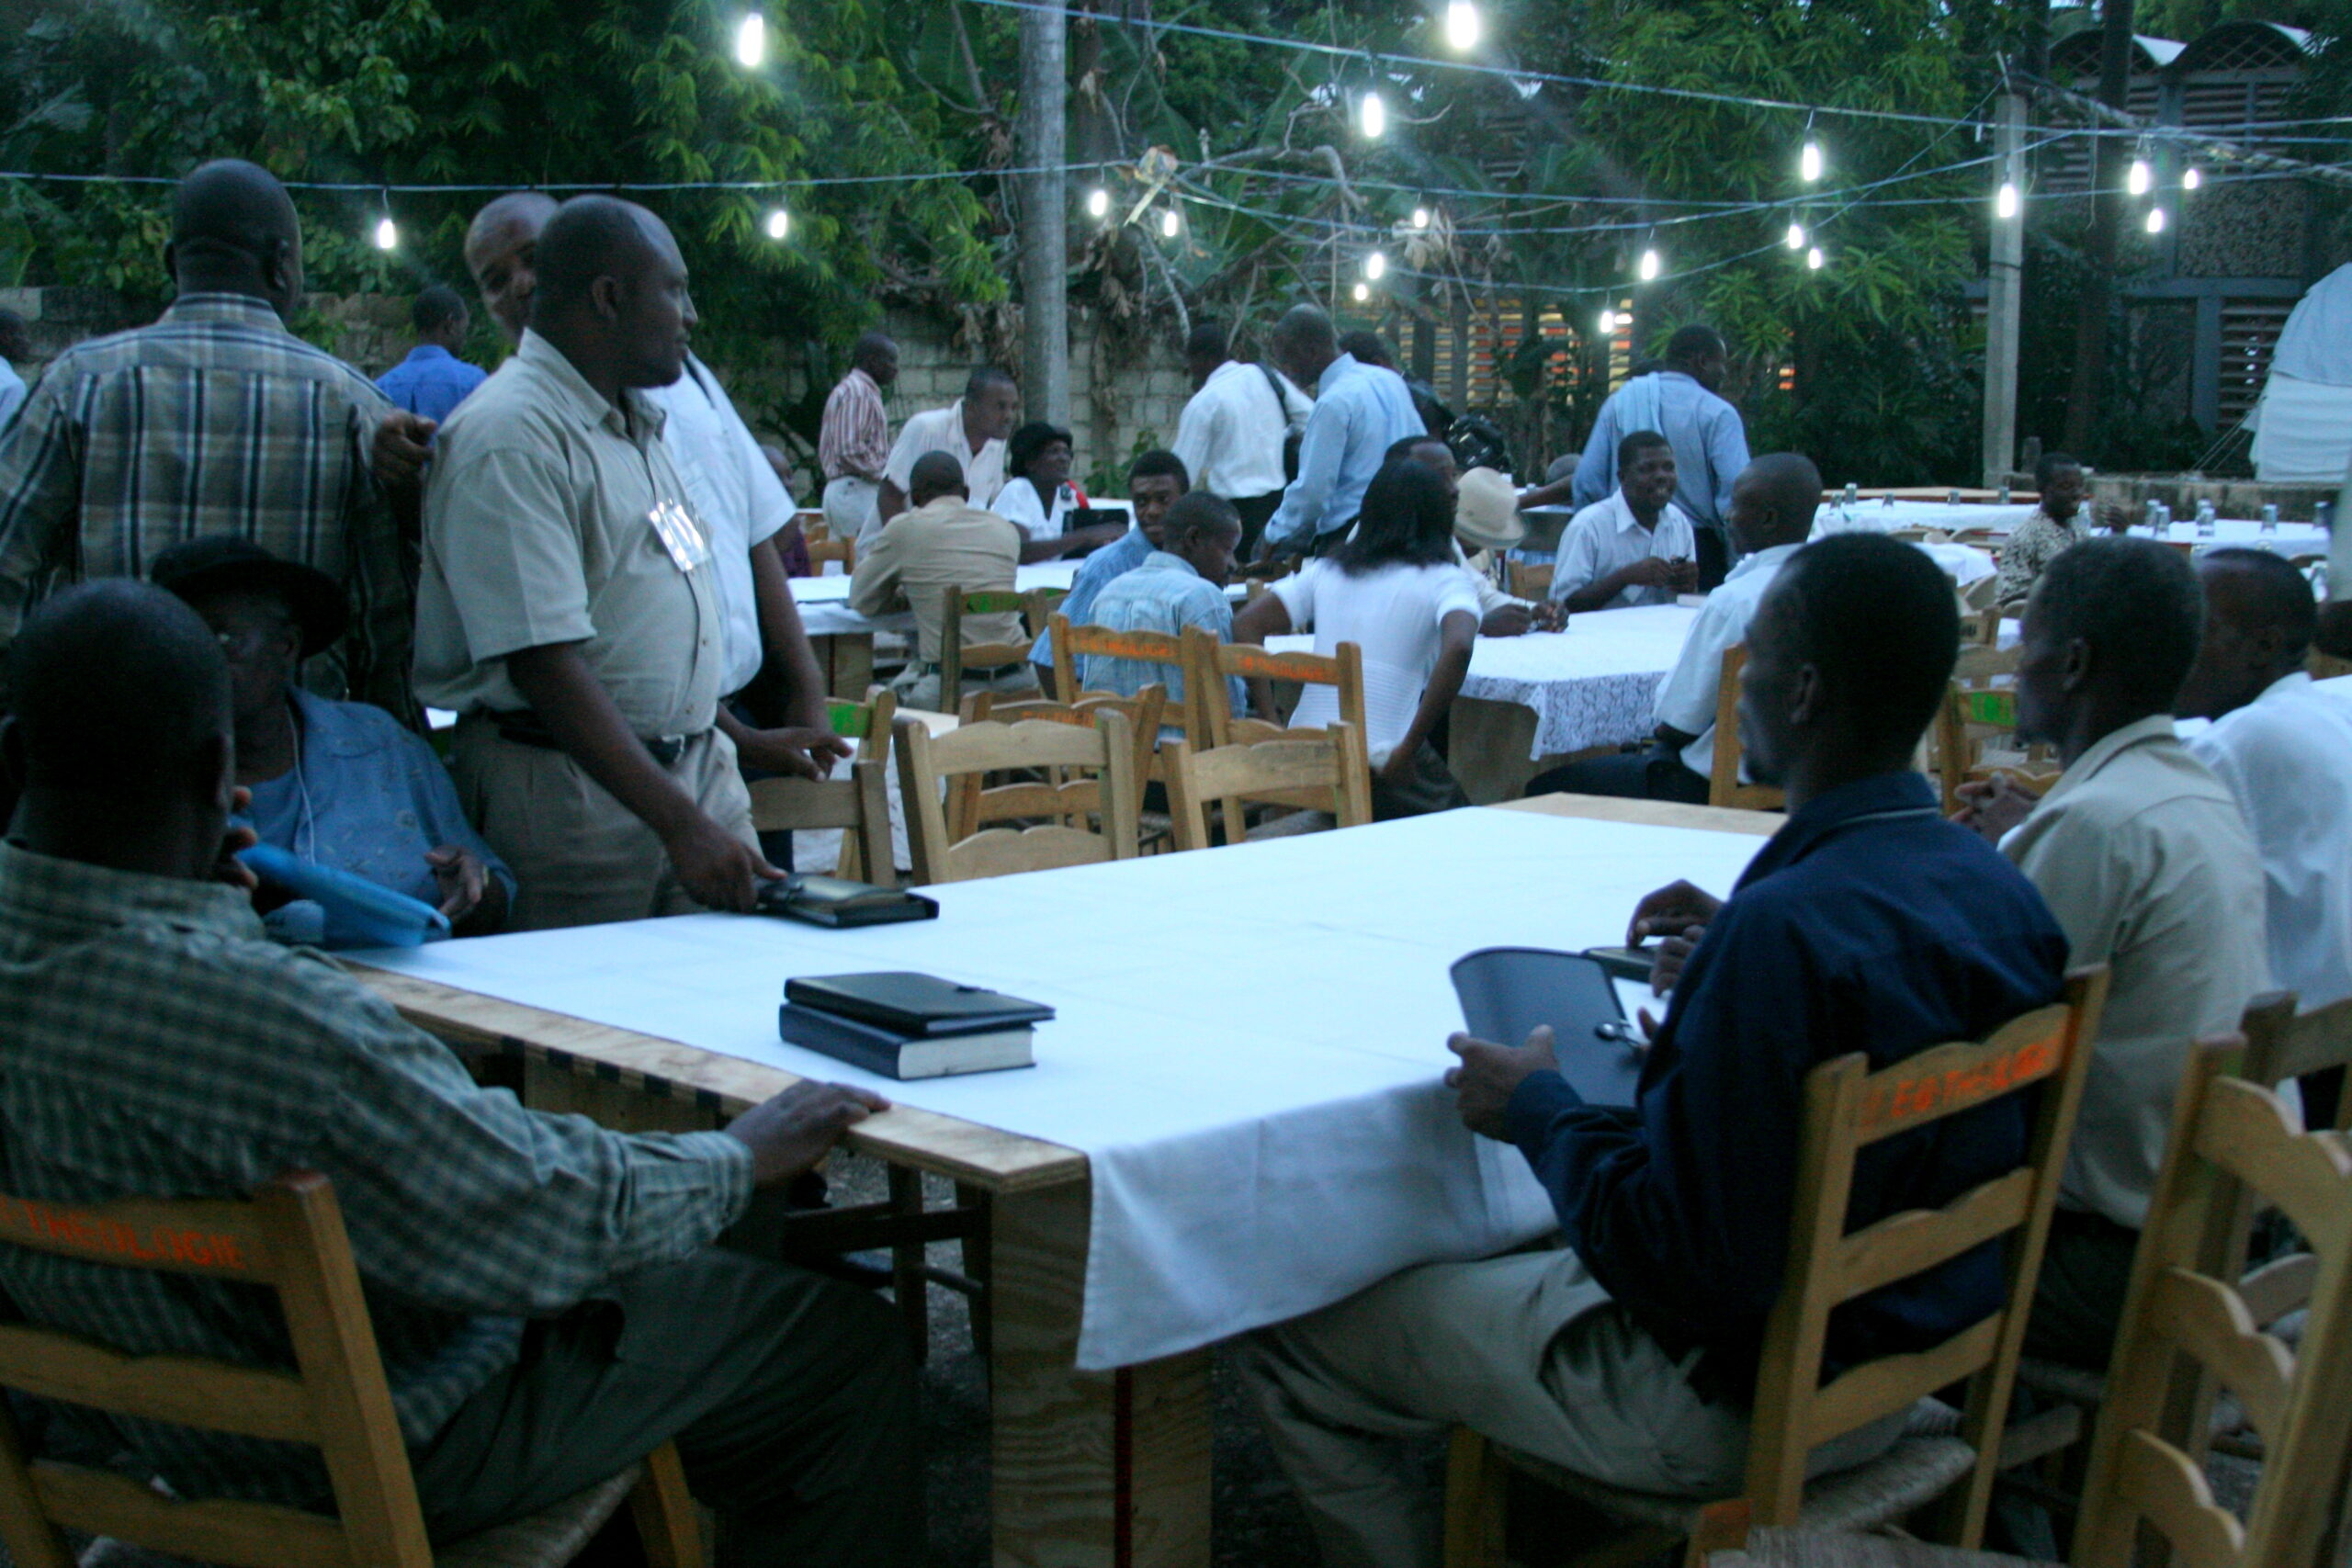 Imagen de la noticia Fortalecimiento de capacidades de las organizaciones de la sociedad civil y autoridades locales para la promoción del desarrollo sostenible e inclusivo de la comuna de Thiotte